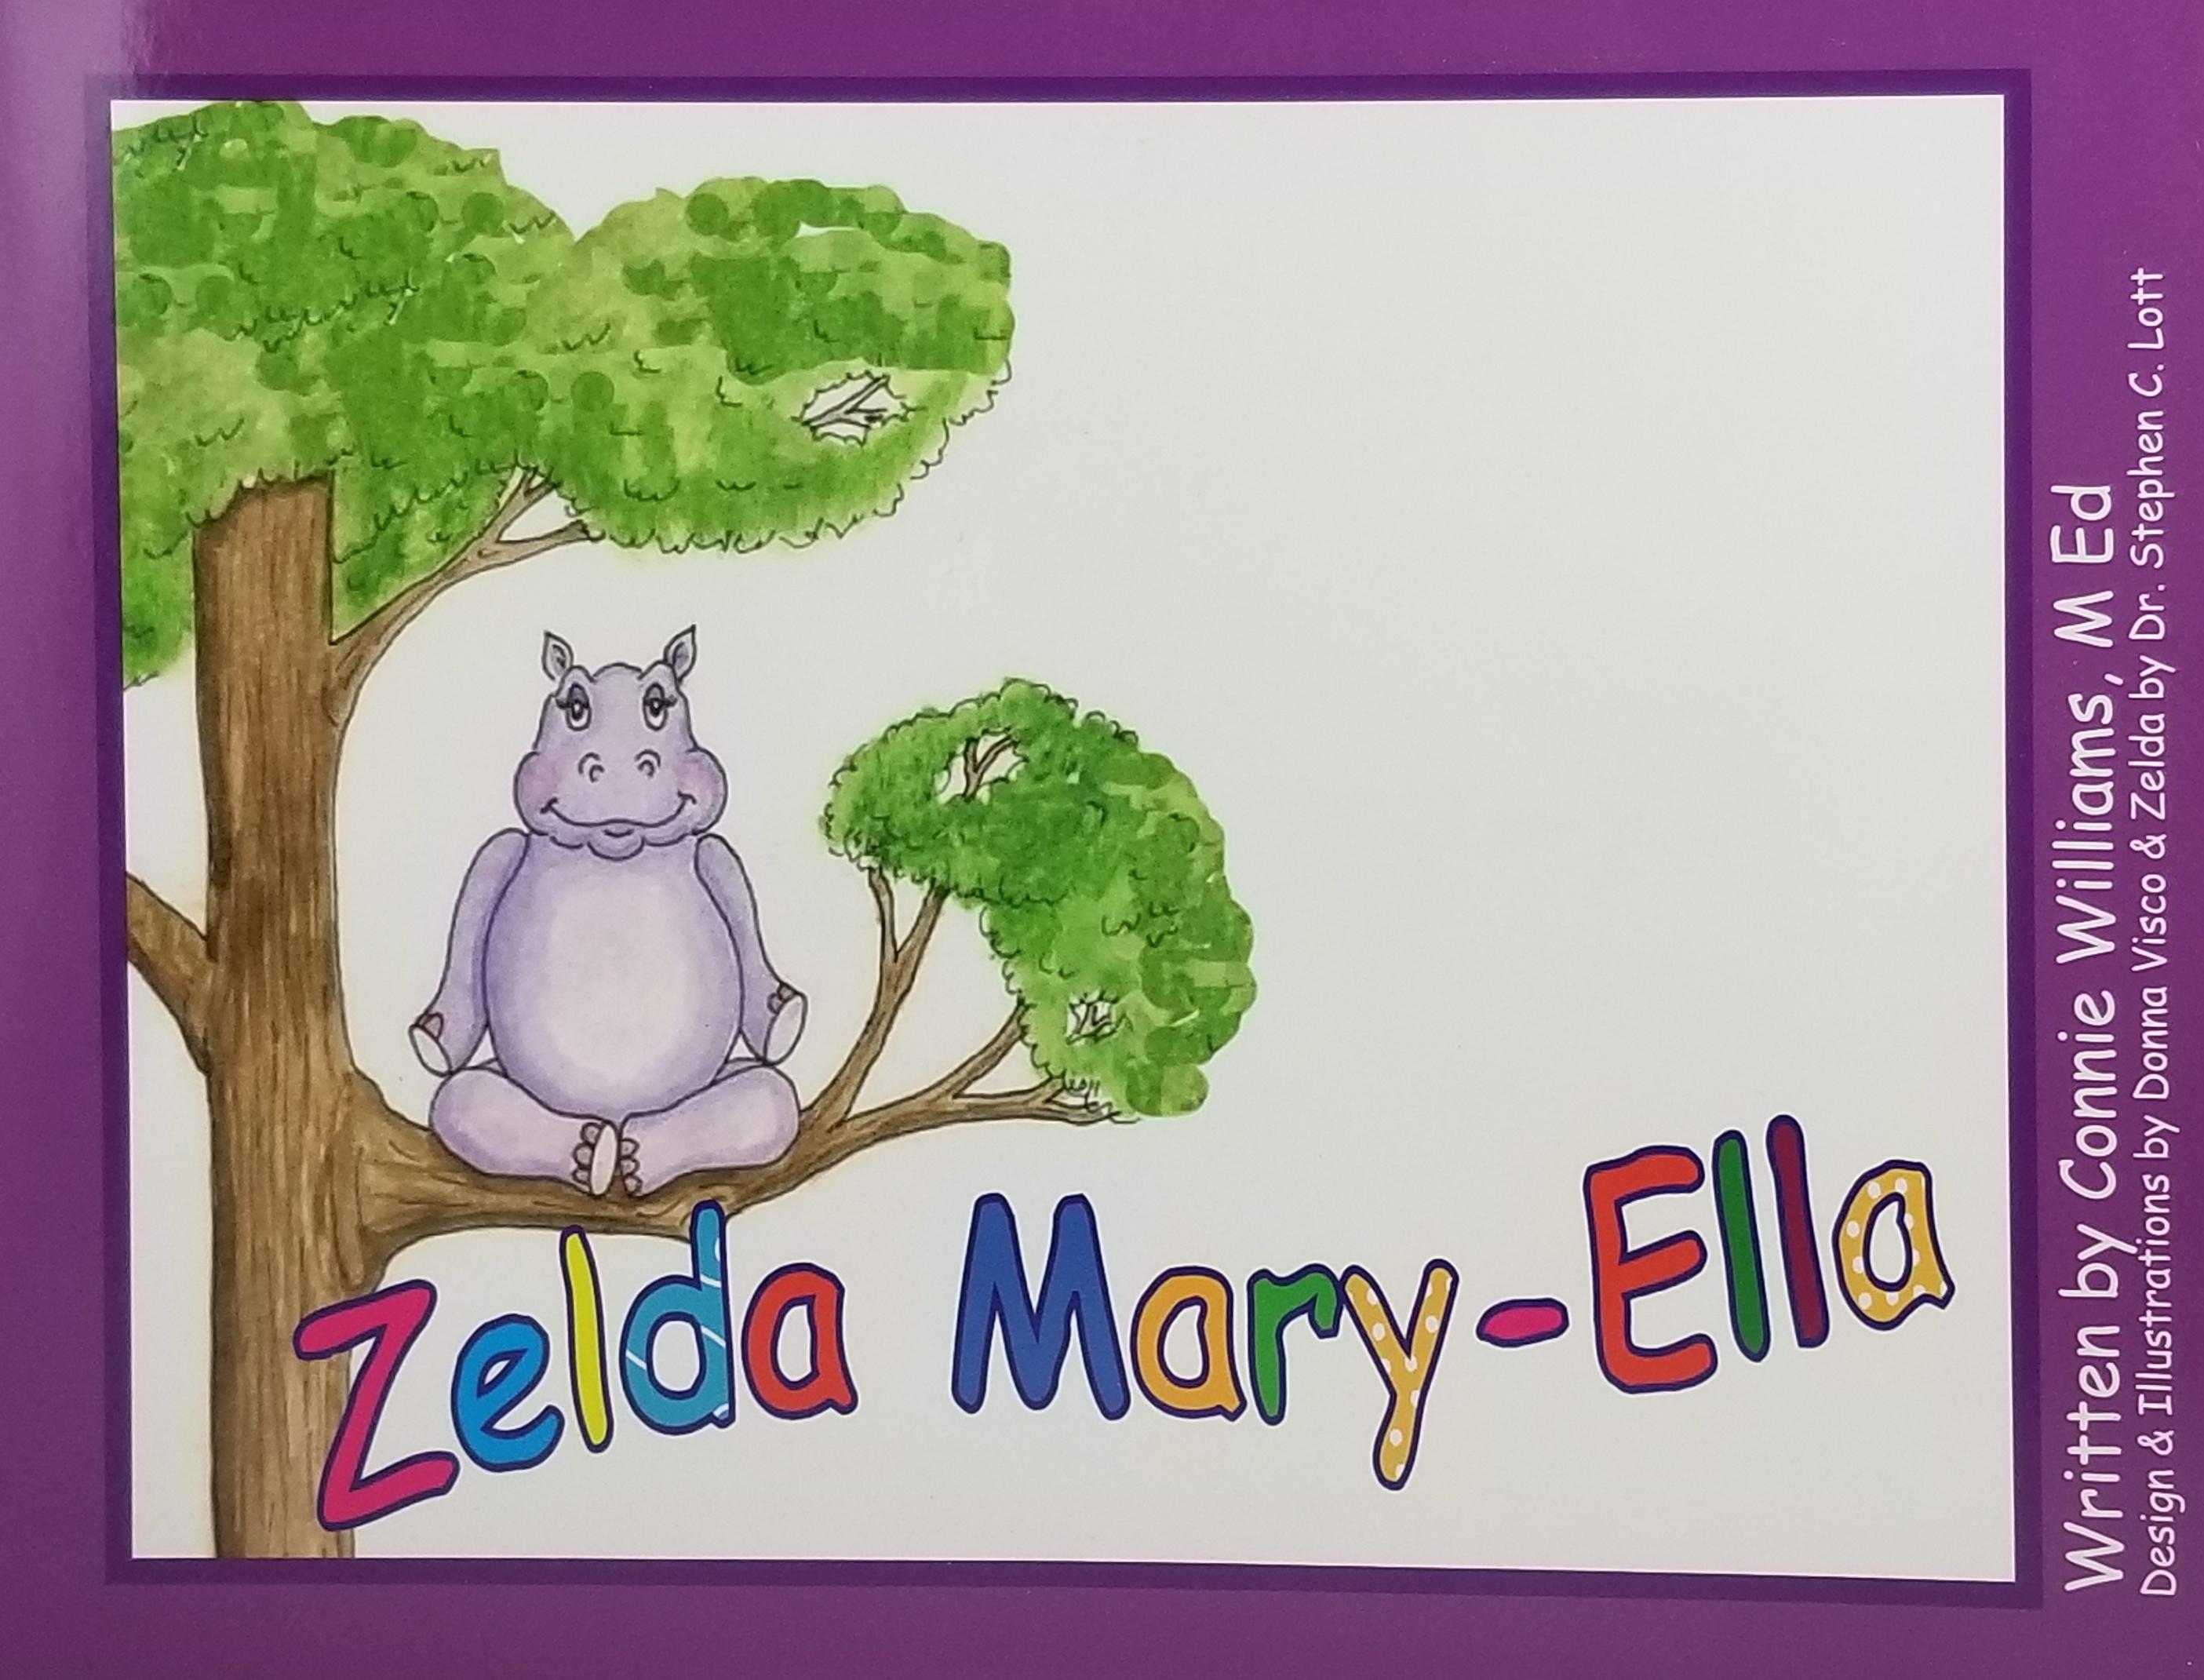 Zelda Mary-Ella